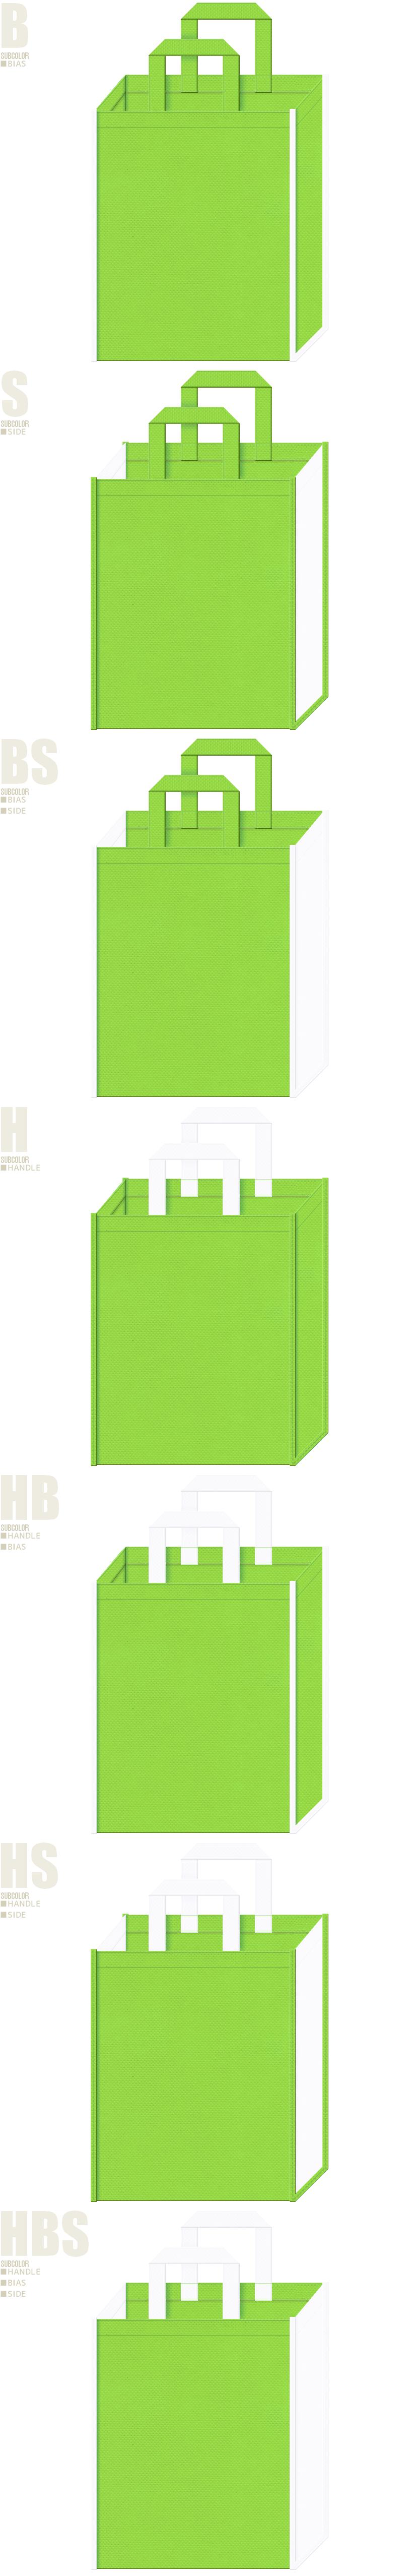 人工芝・スポーツ用品・園芸用品の展示会用バッグにお奨めの不織布バッグデザイン:黄緑色と白色の不織布バッグ配色7パターン。